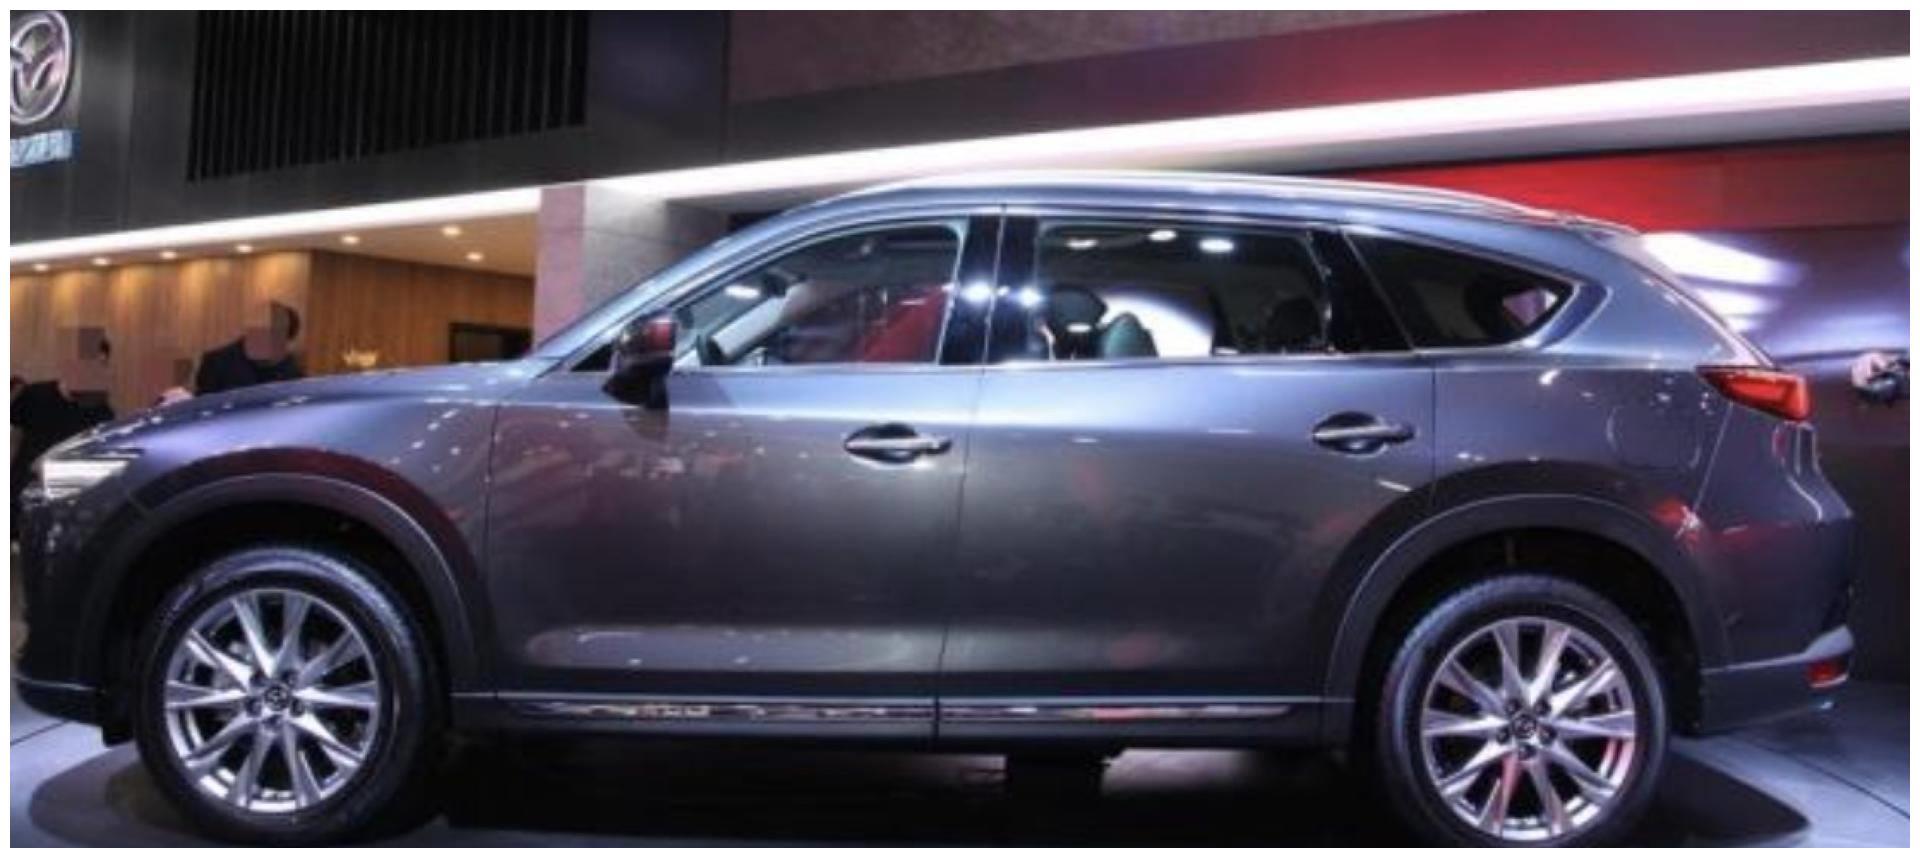 比宝马漂亮的合资车,月销量却不足600台,为何?